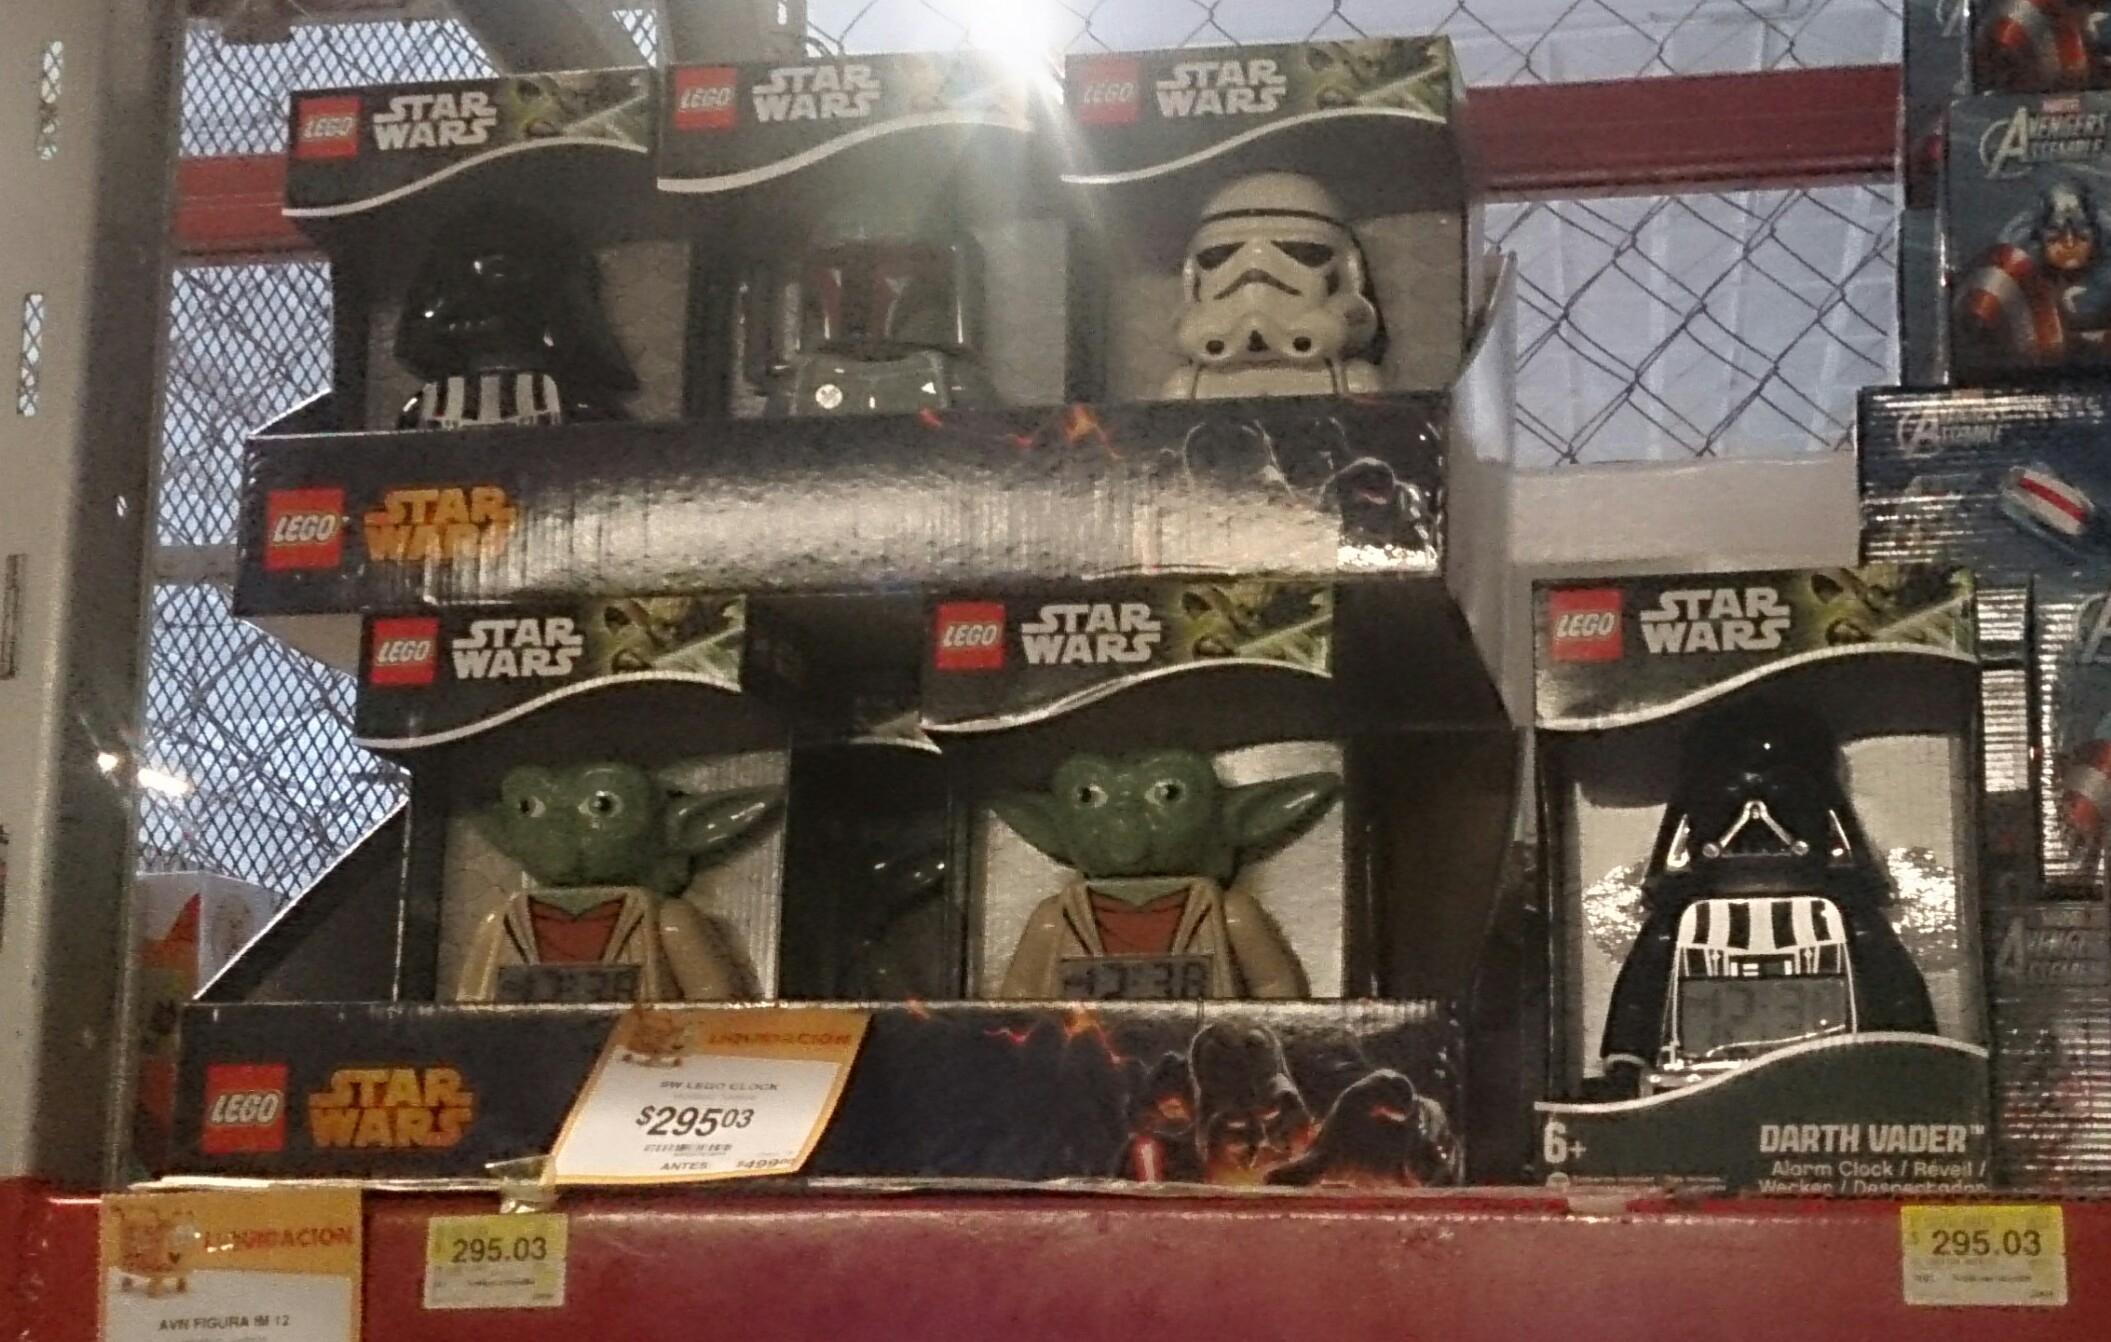 Walmart: despertador Lego de Star Wars a $295.03